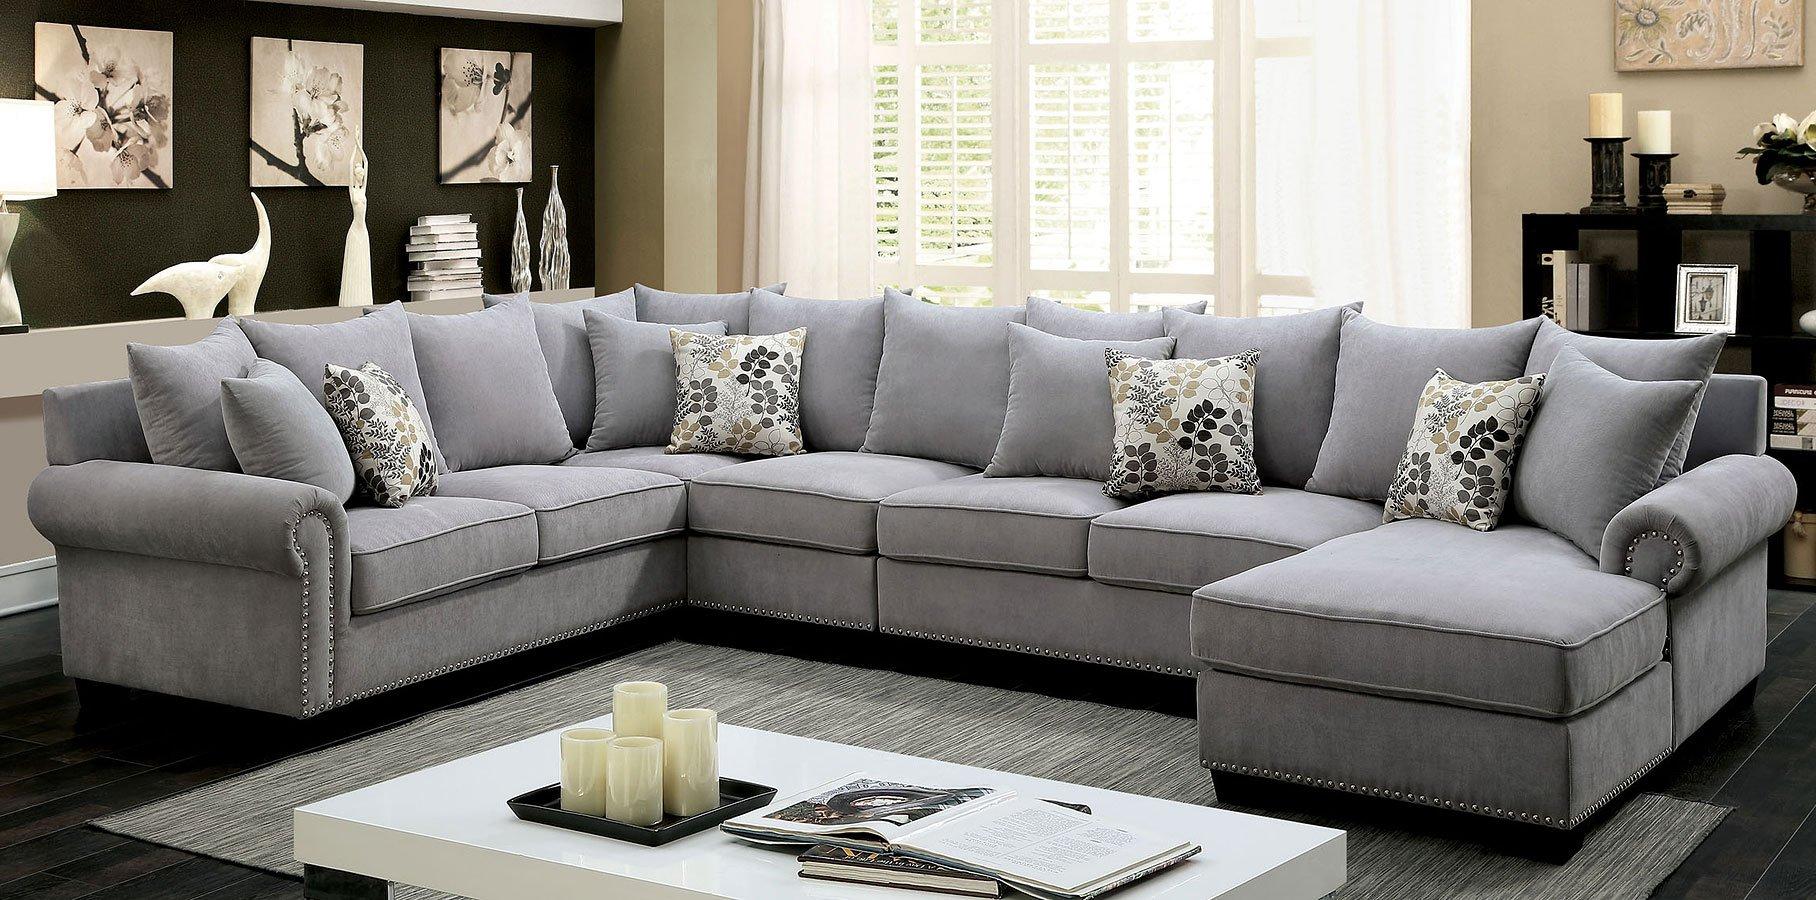 Skyler Sectional Living Room Set (Gray)